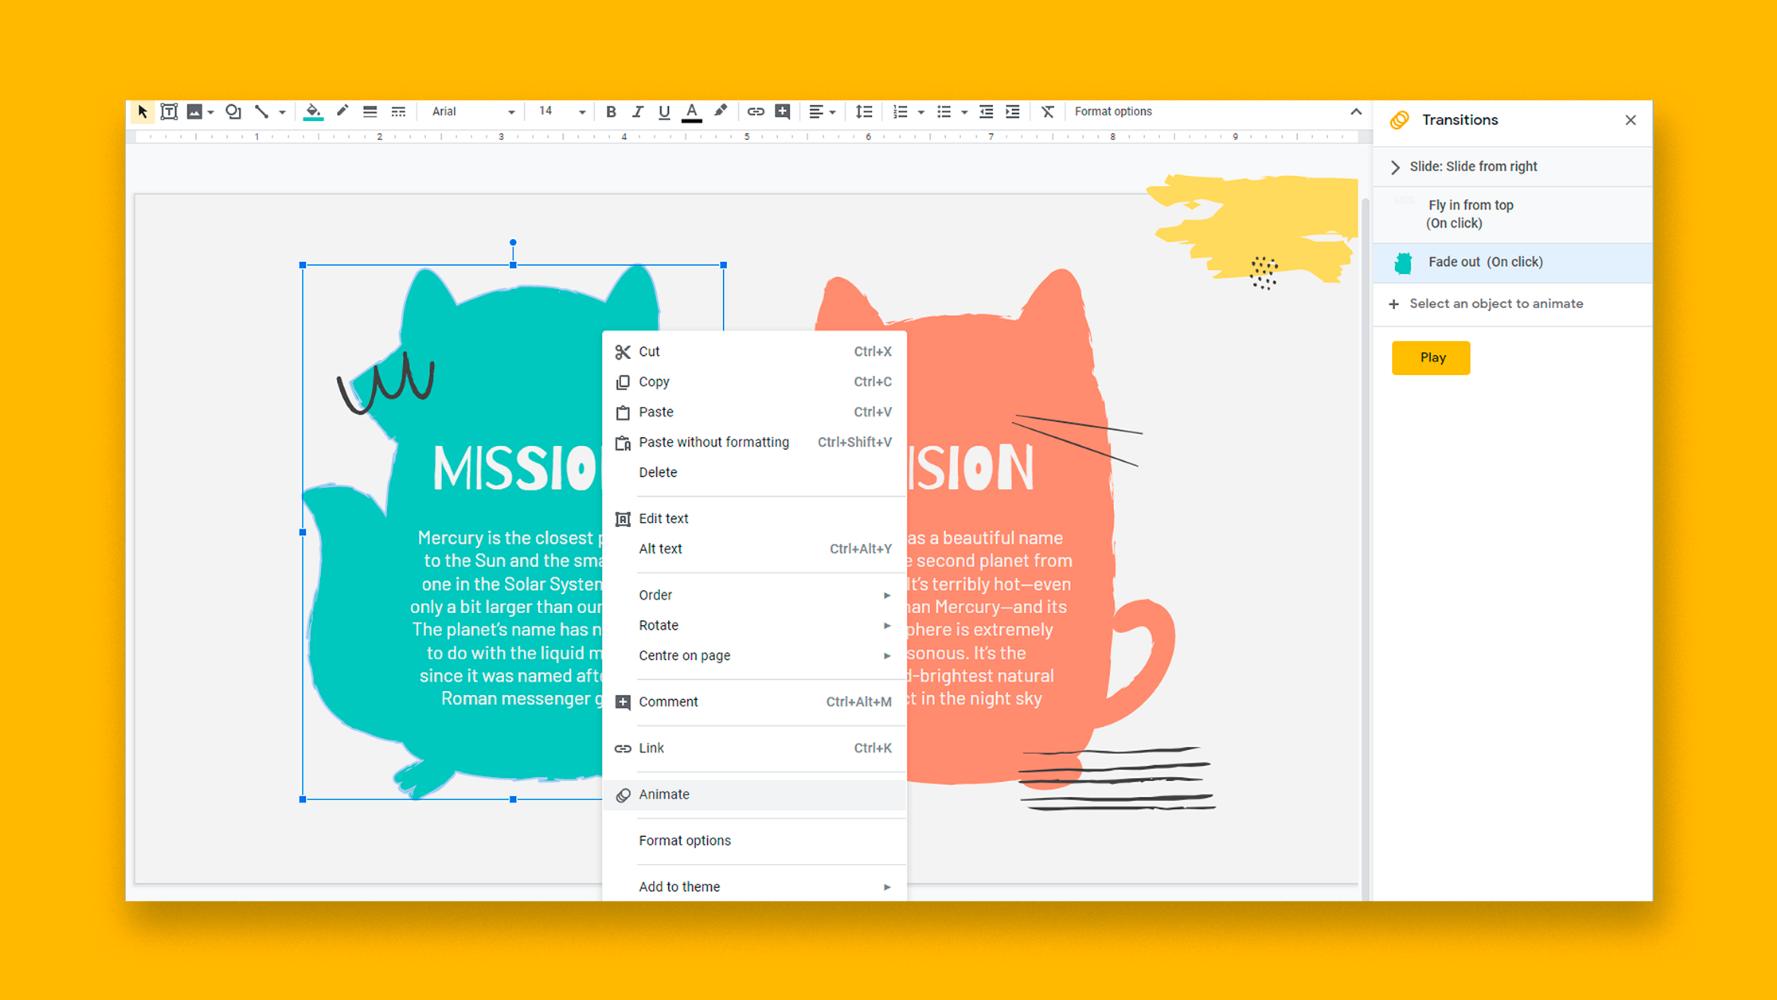 How to Add Animations and Transitions in Google Slides | Schnelle Tipps & Tutorials für deine Präsentationen